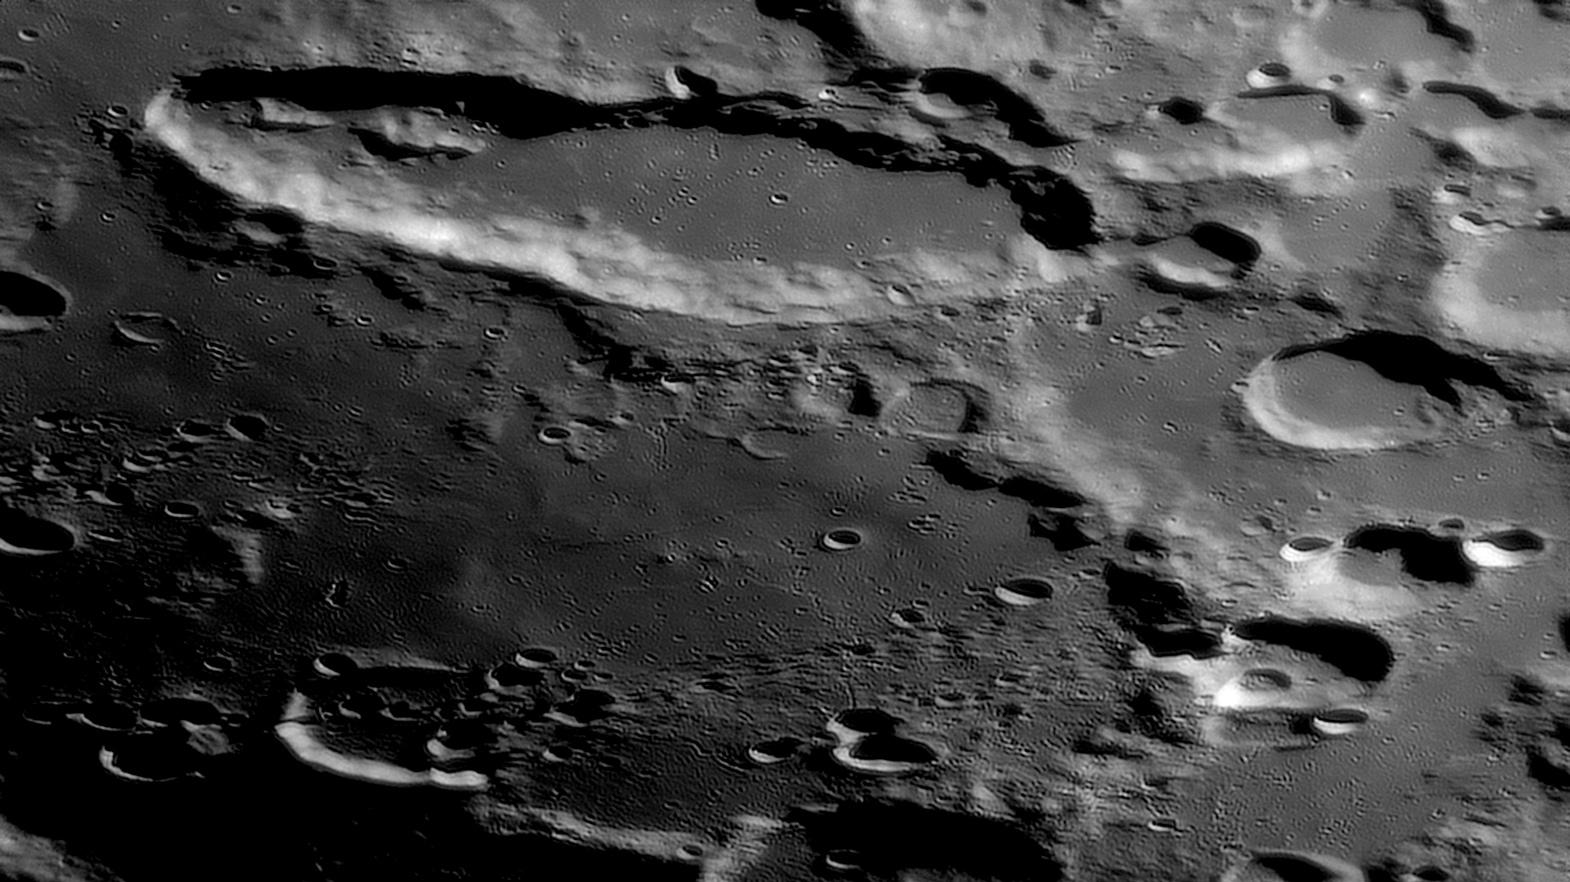 large.2021-02-23-2052_7-R-Moon_RE.jpg.fd13c8bc6ec64e517072599b6655aadf.jpg